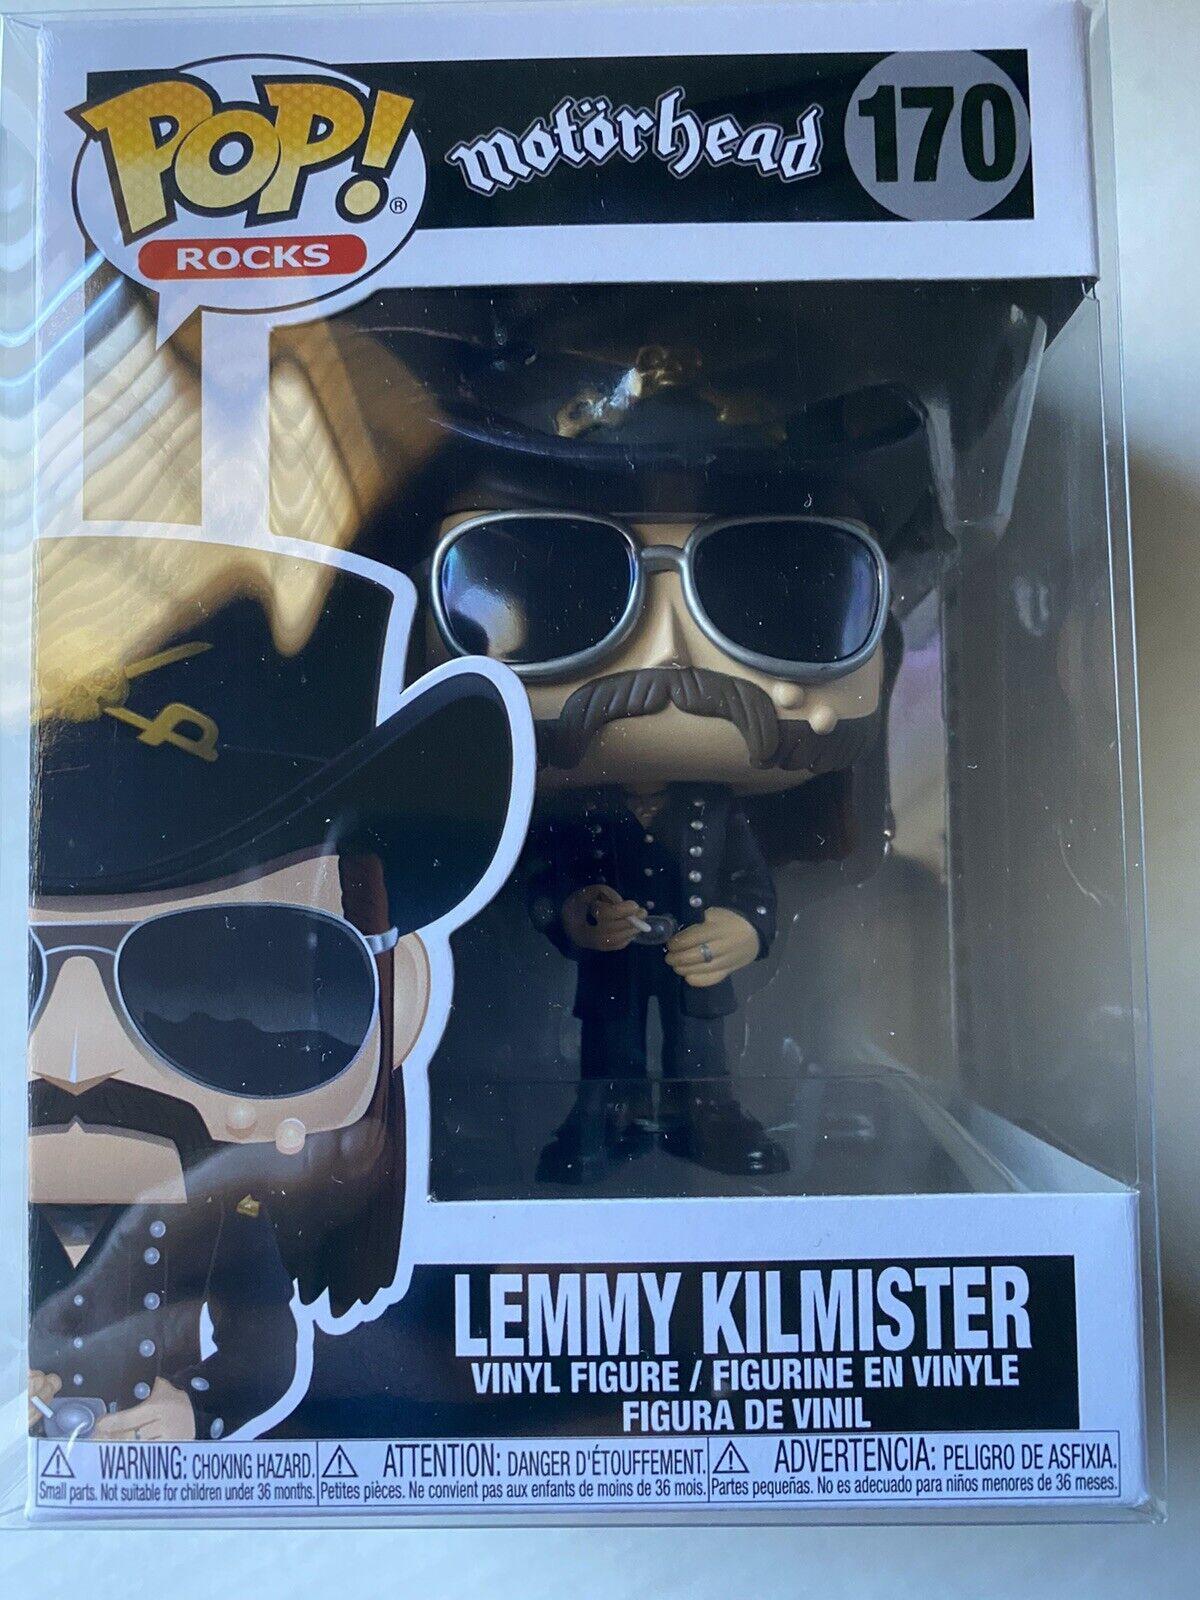 LEMMY KILMISTER 170 VINYL IN HAND ROCKS MOTORHEAD FUNKO POP